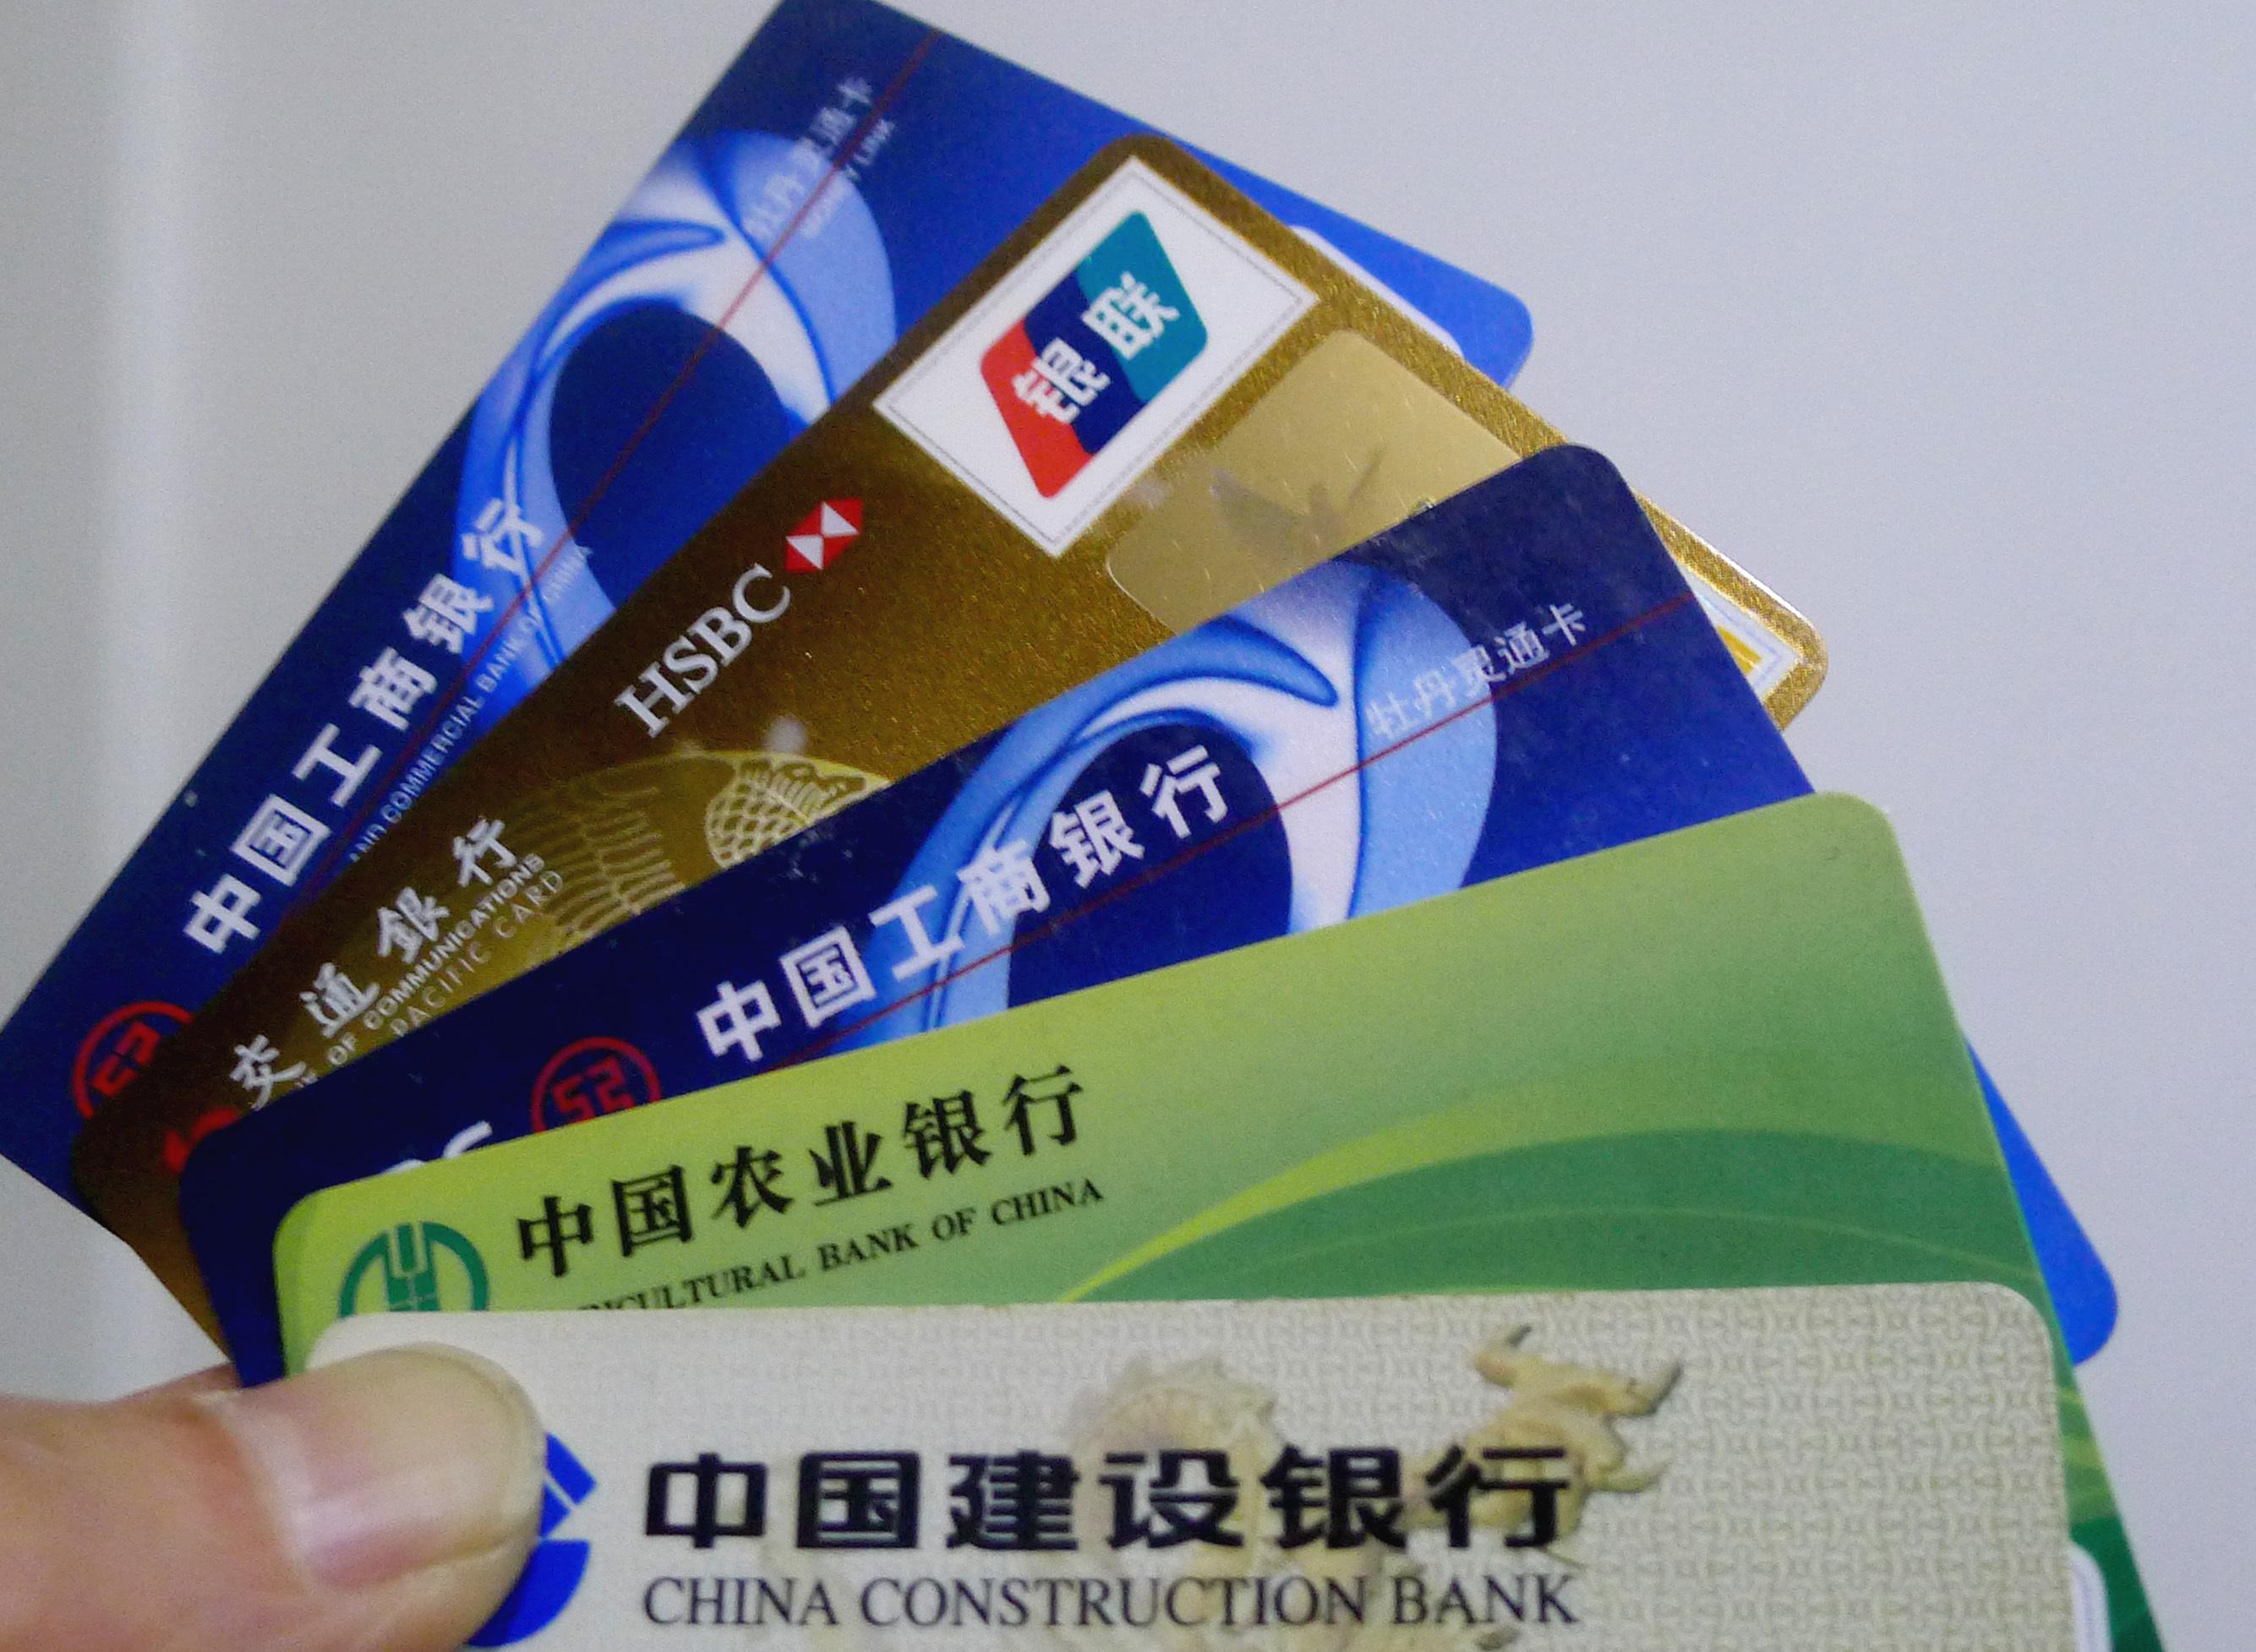 〖匯率匯算〗抓住這些關鍵點,信用卡額度翻倍漲!卡友實證!